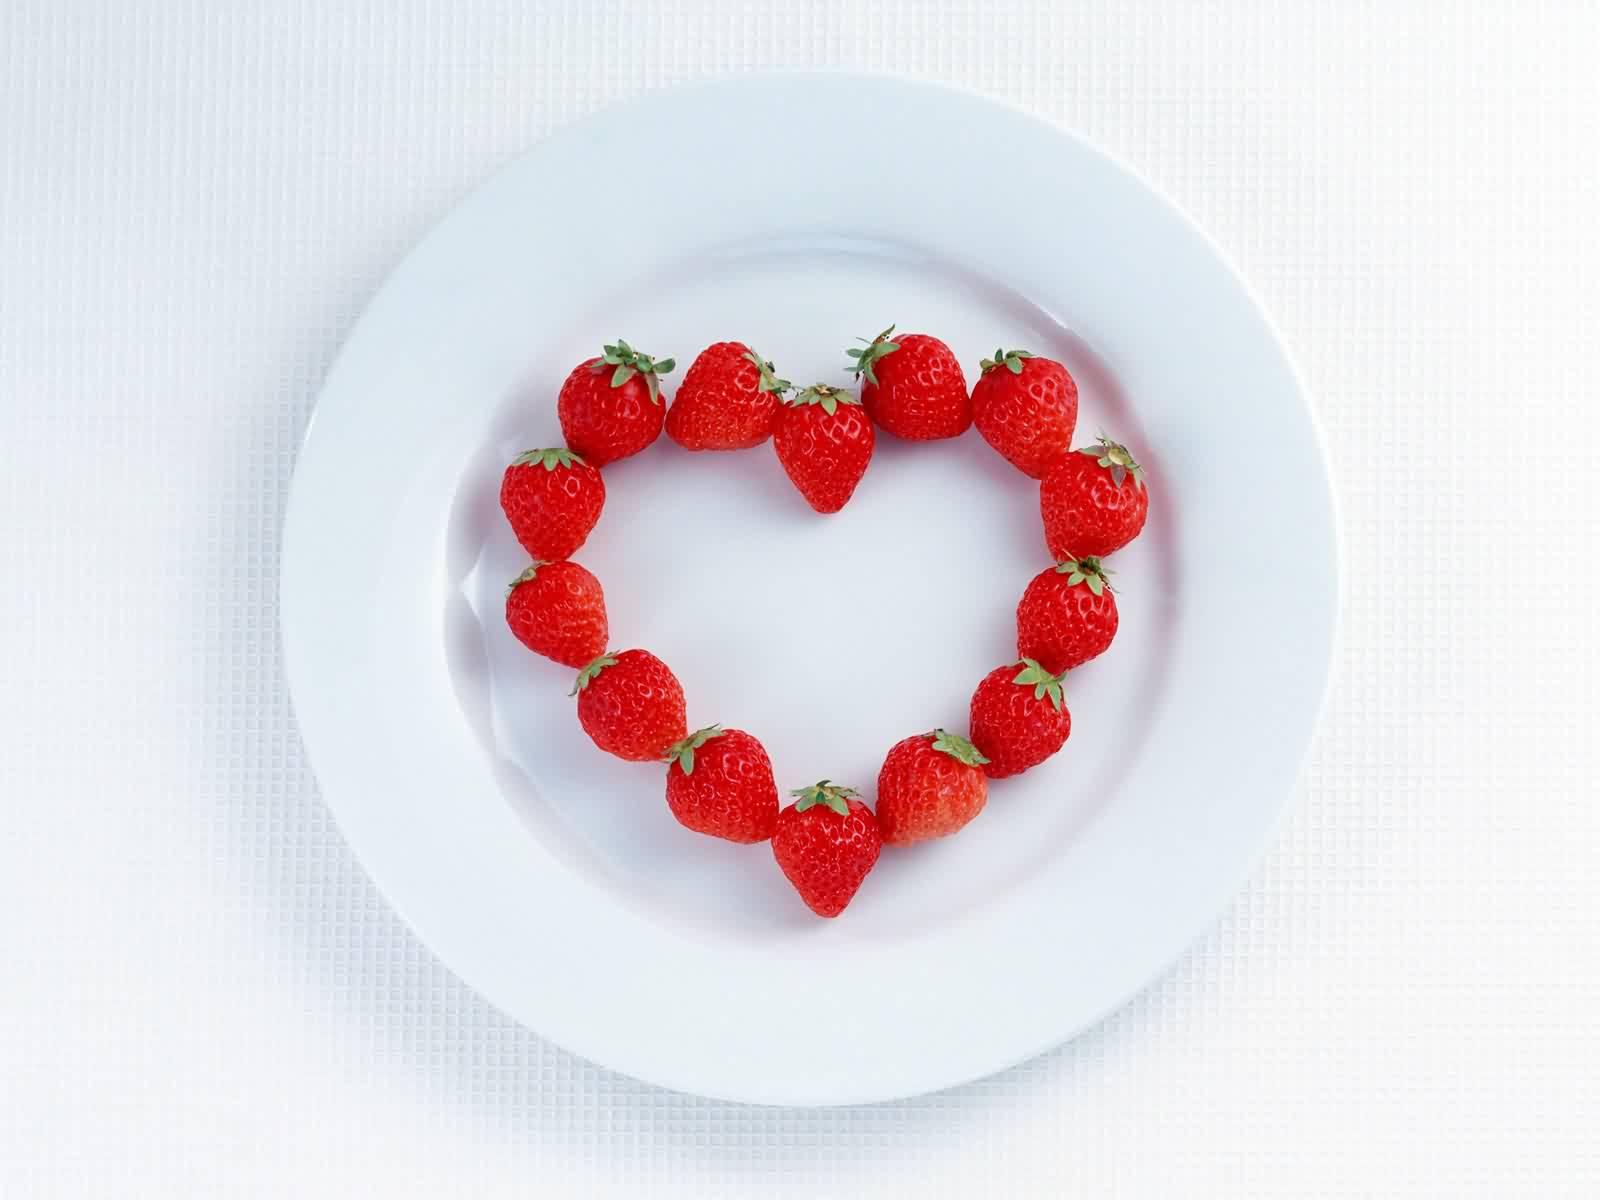 http://1.bp.blogspot.com/-pqojNiEUjy8/T6v4SK3m8wI/AAAAAAAABow/7BE0xqT7xVw/s1600/strawberry+Love+Wallpapers.jpg